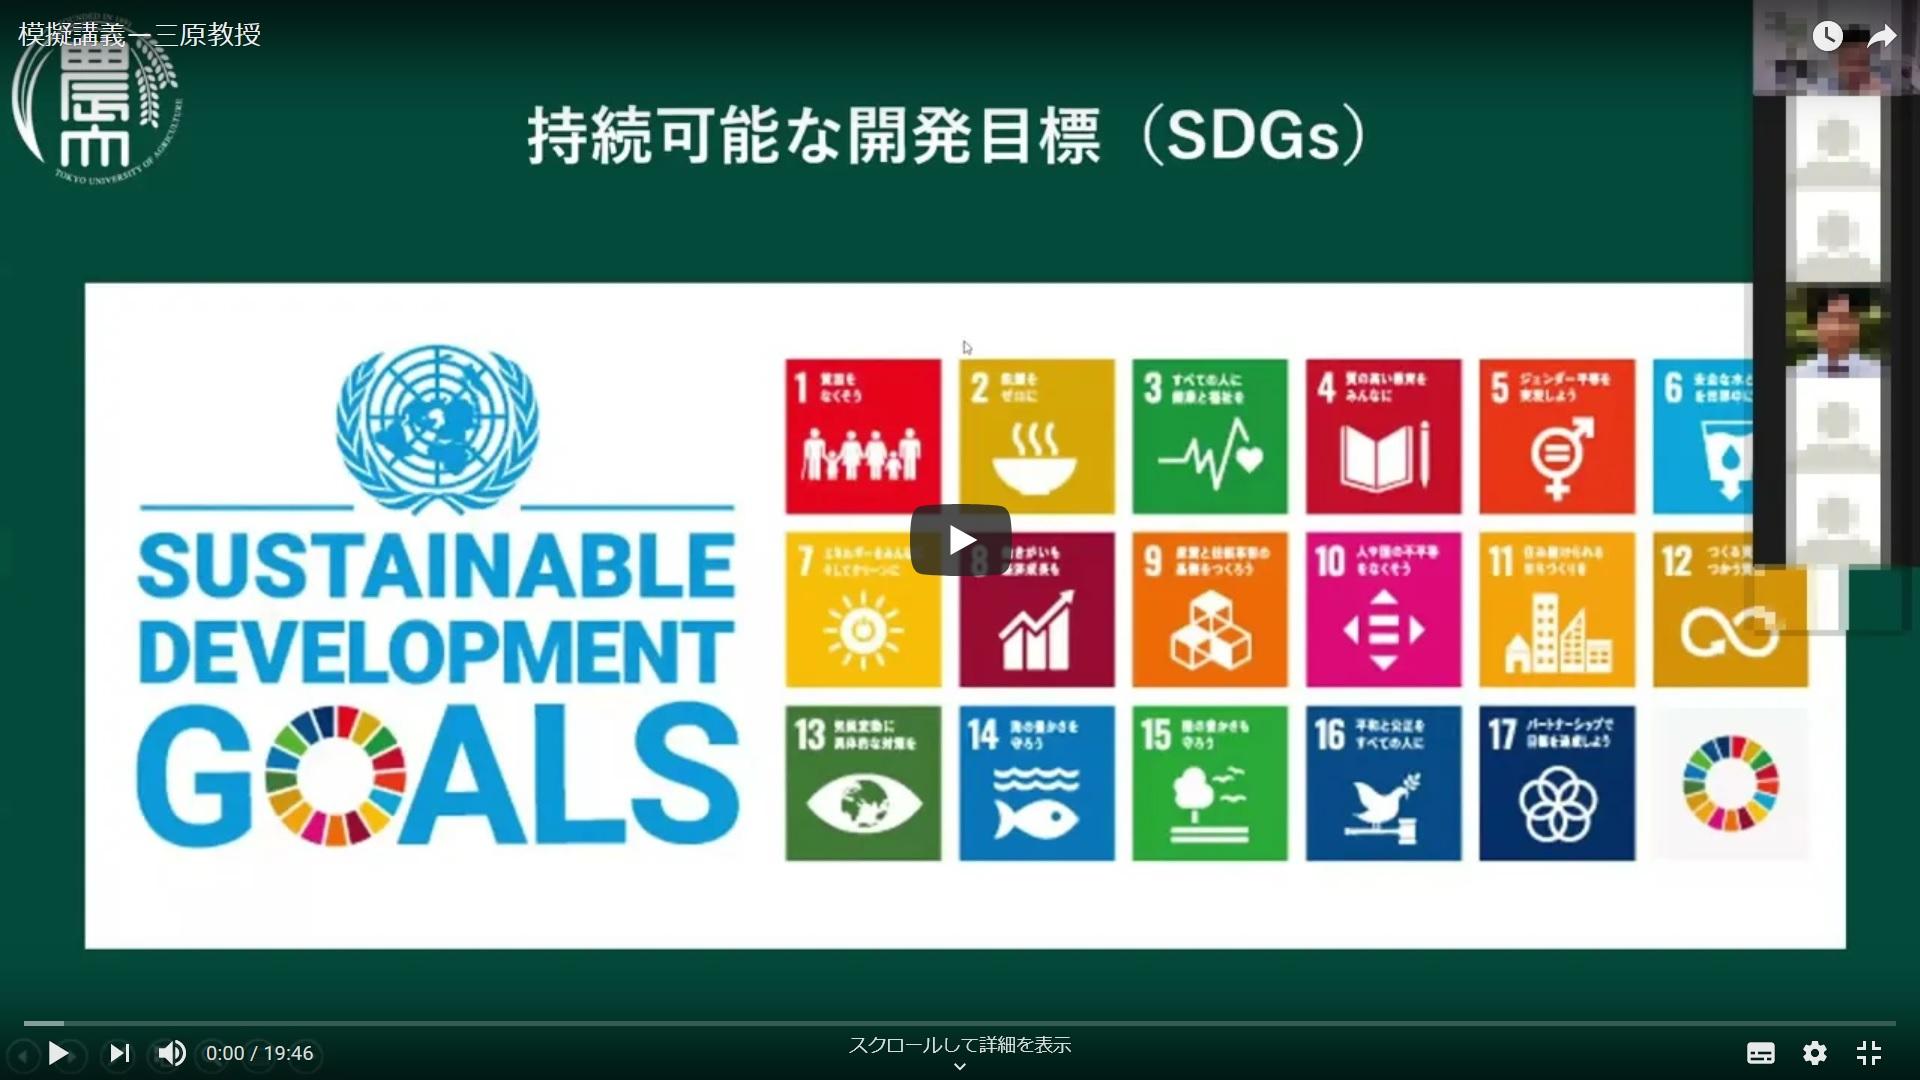 三原真智人 教授 【2030年までの国連開発目標SDGsに向けた生産環境工学の取り組み】